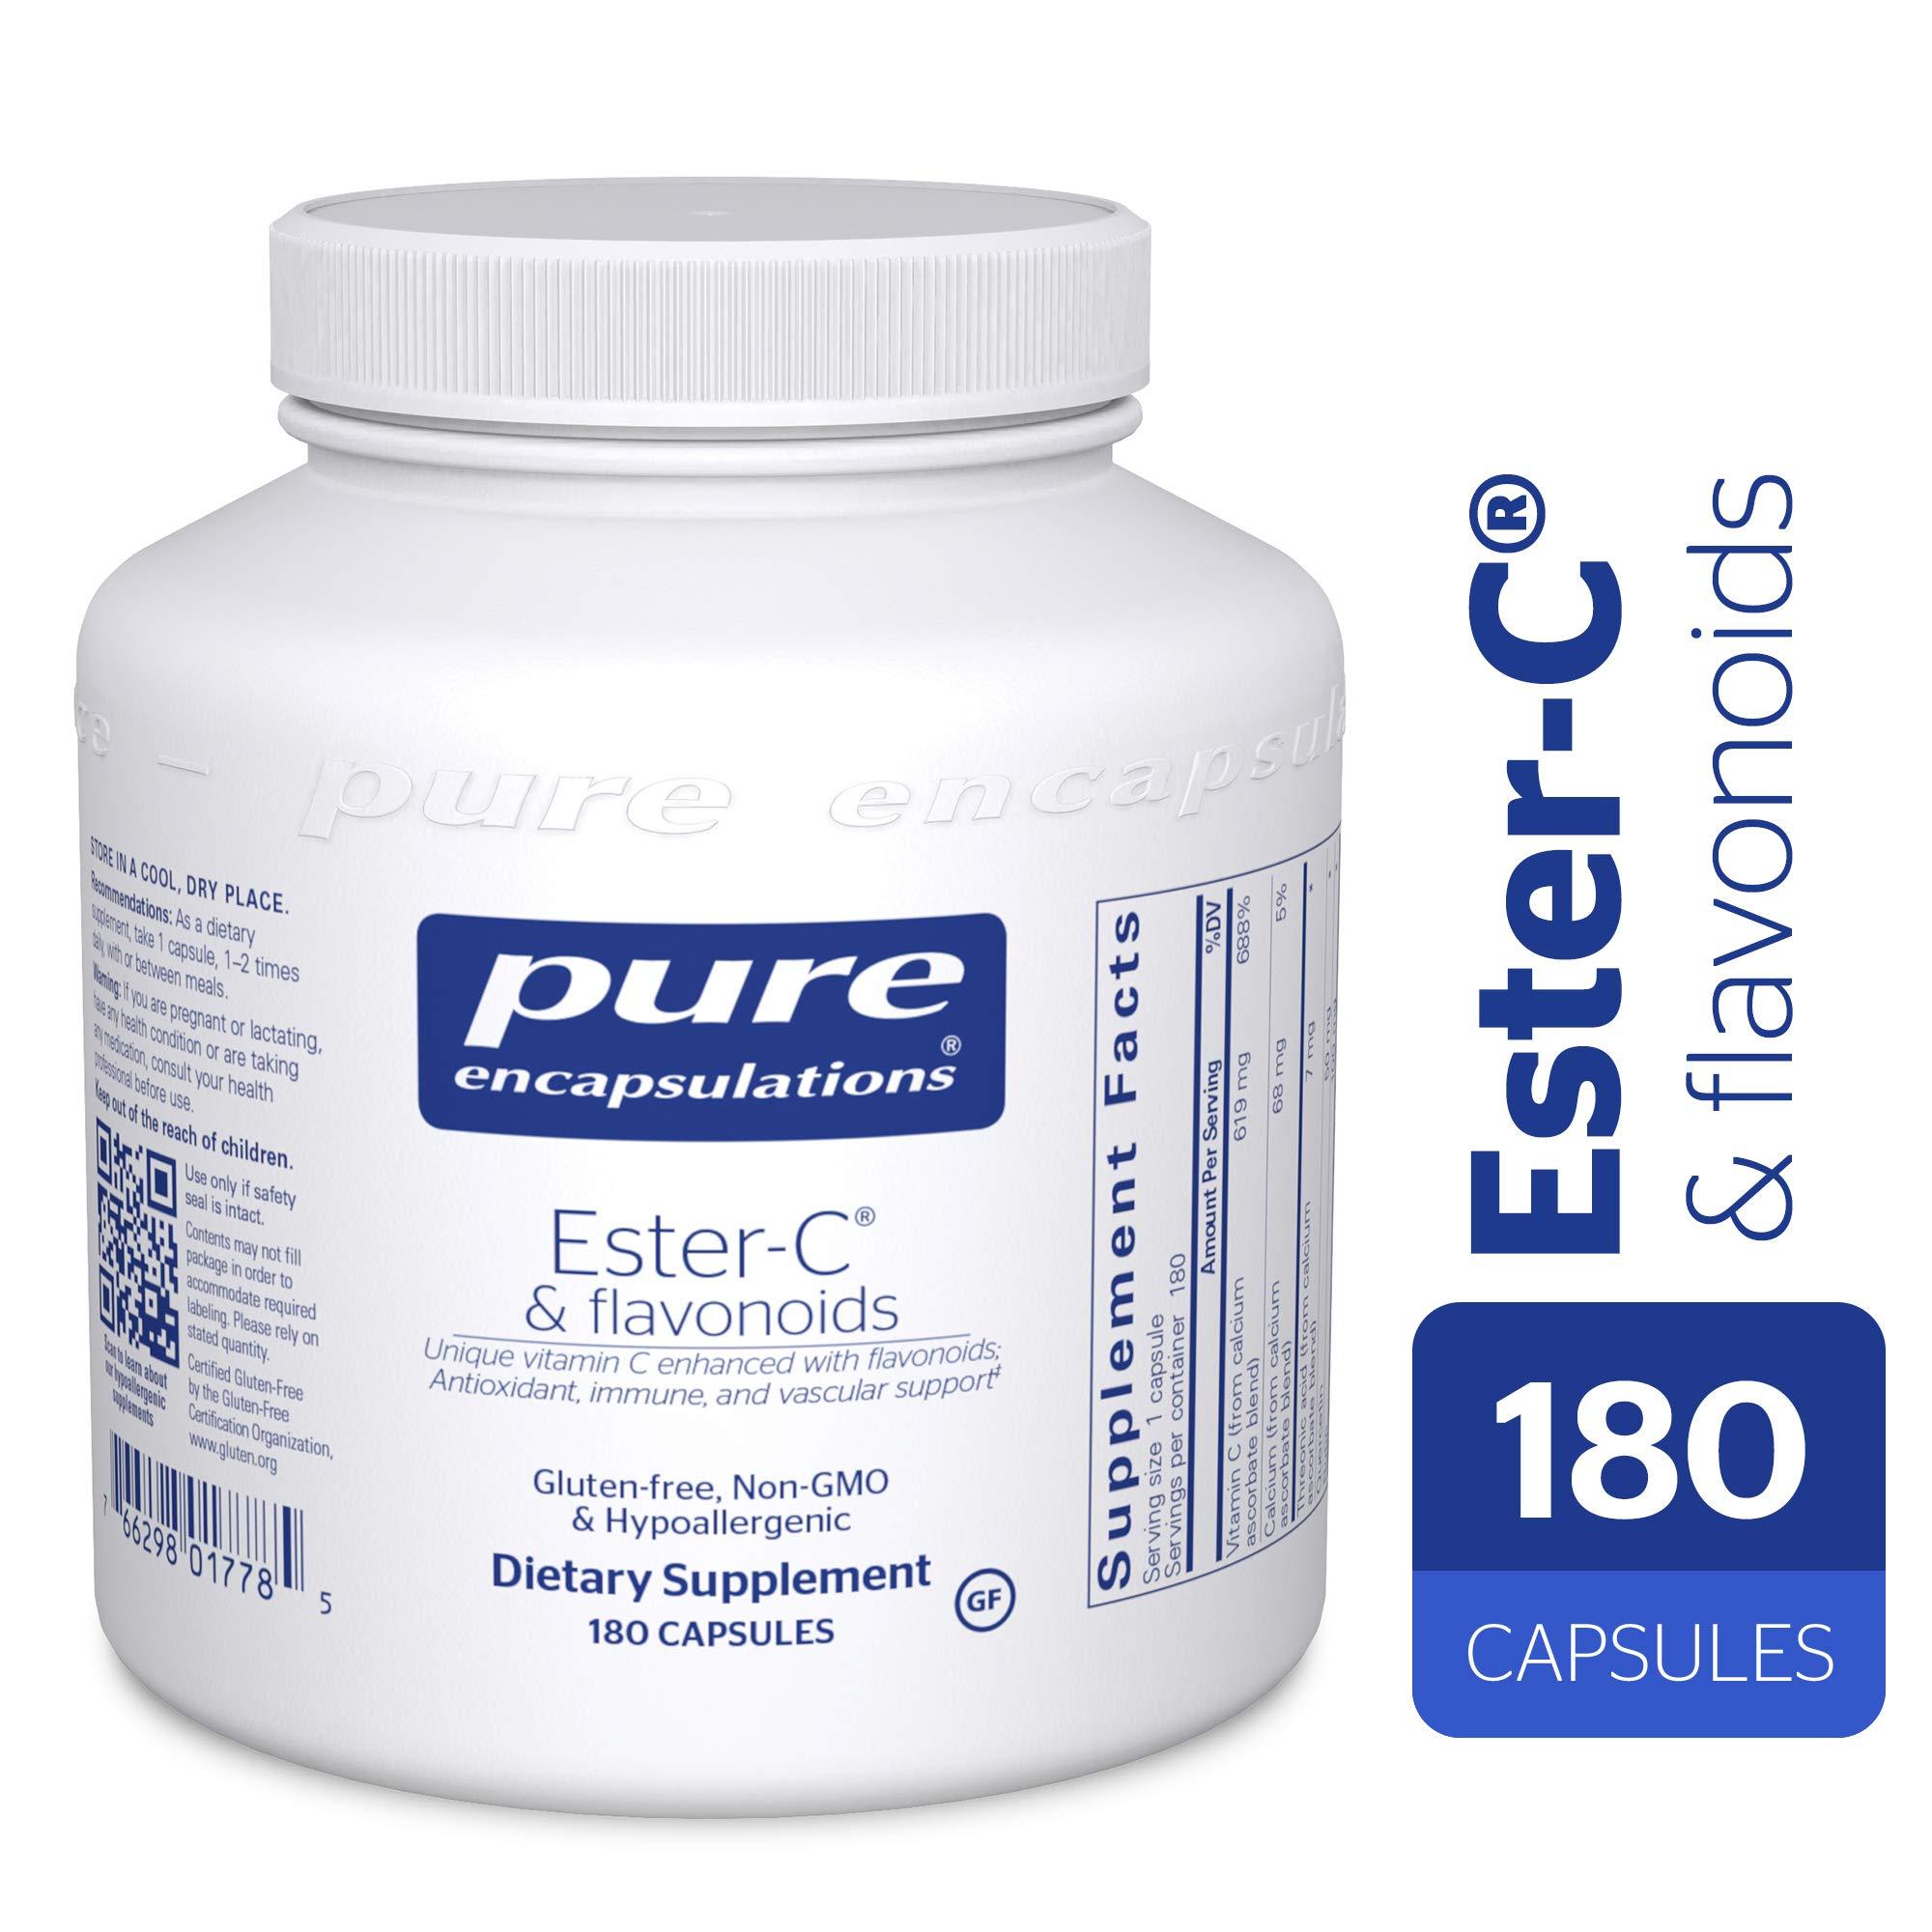 Pure Encapsulations - Ester-C & Flavonoids - Hypoallergenic Vitamin C Supplement Enhanced with Bioflavonoids - 180 Capsules by Pure Encapsulations